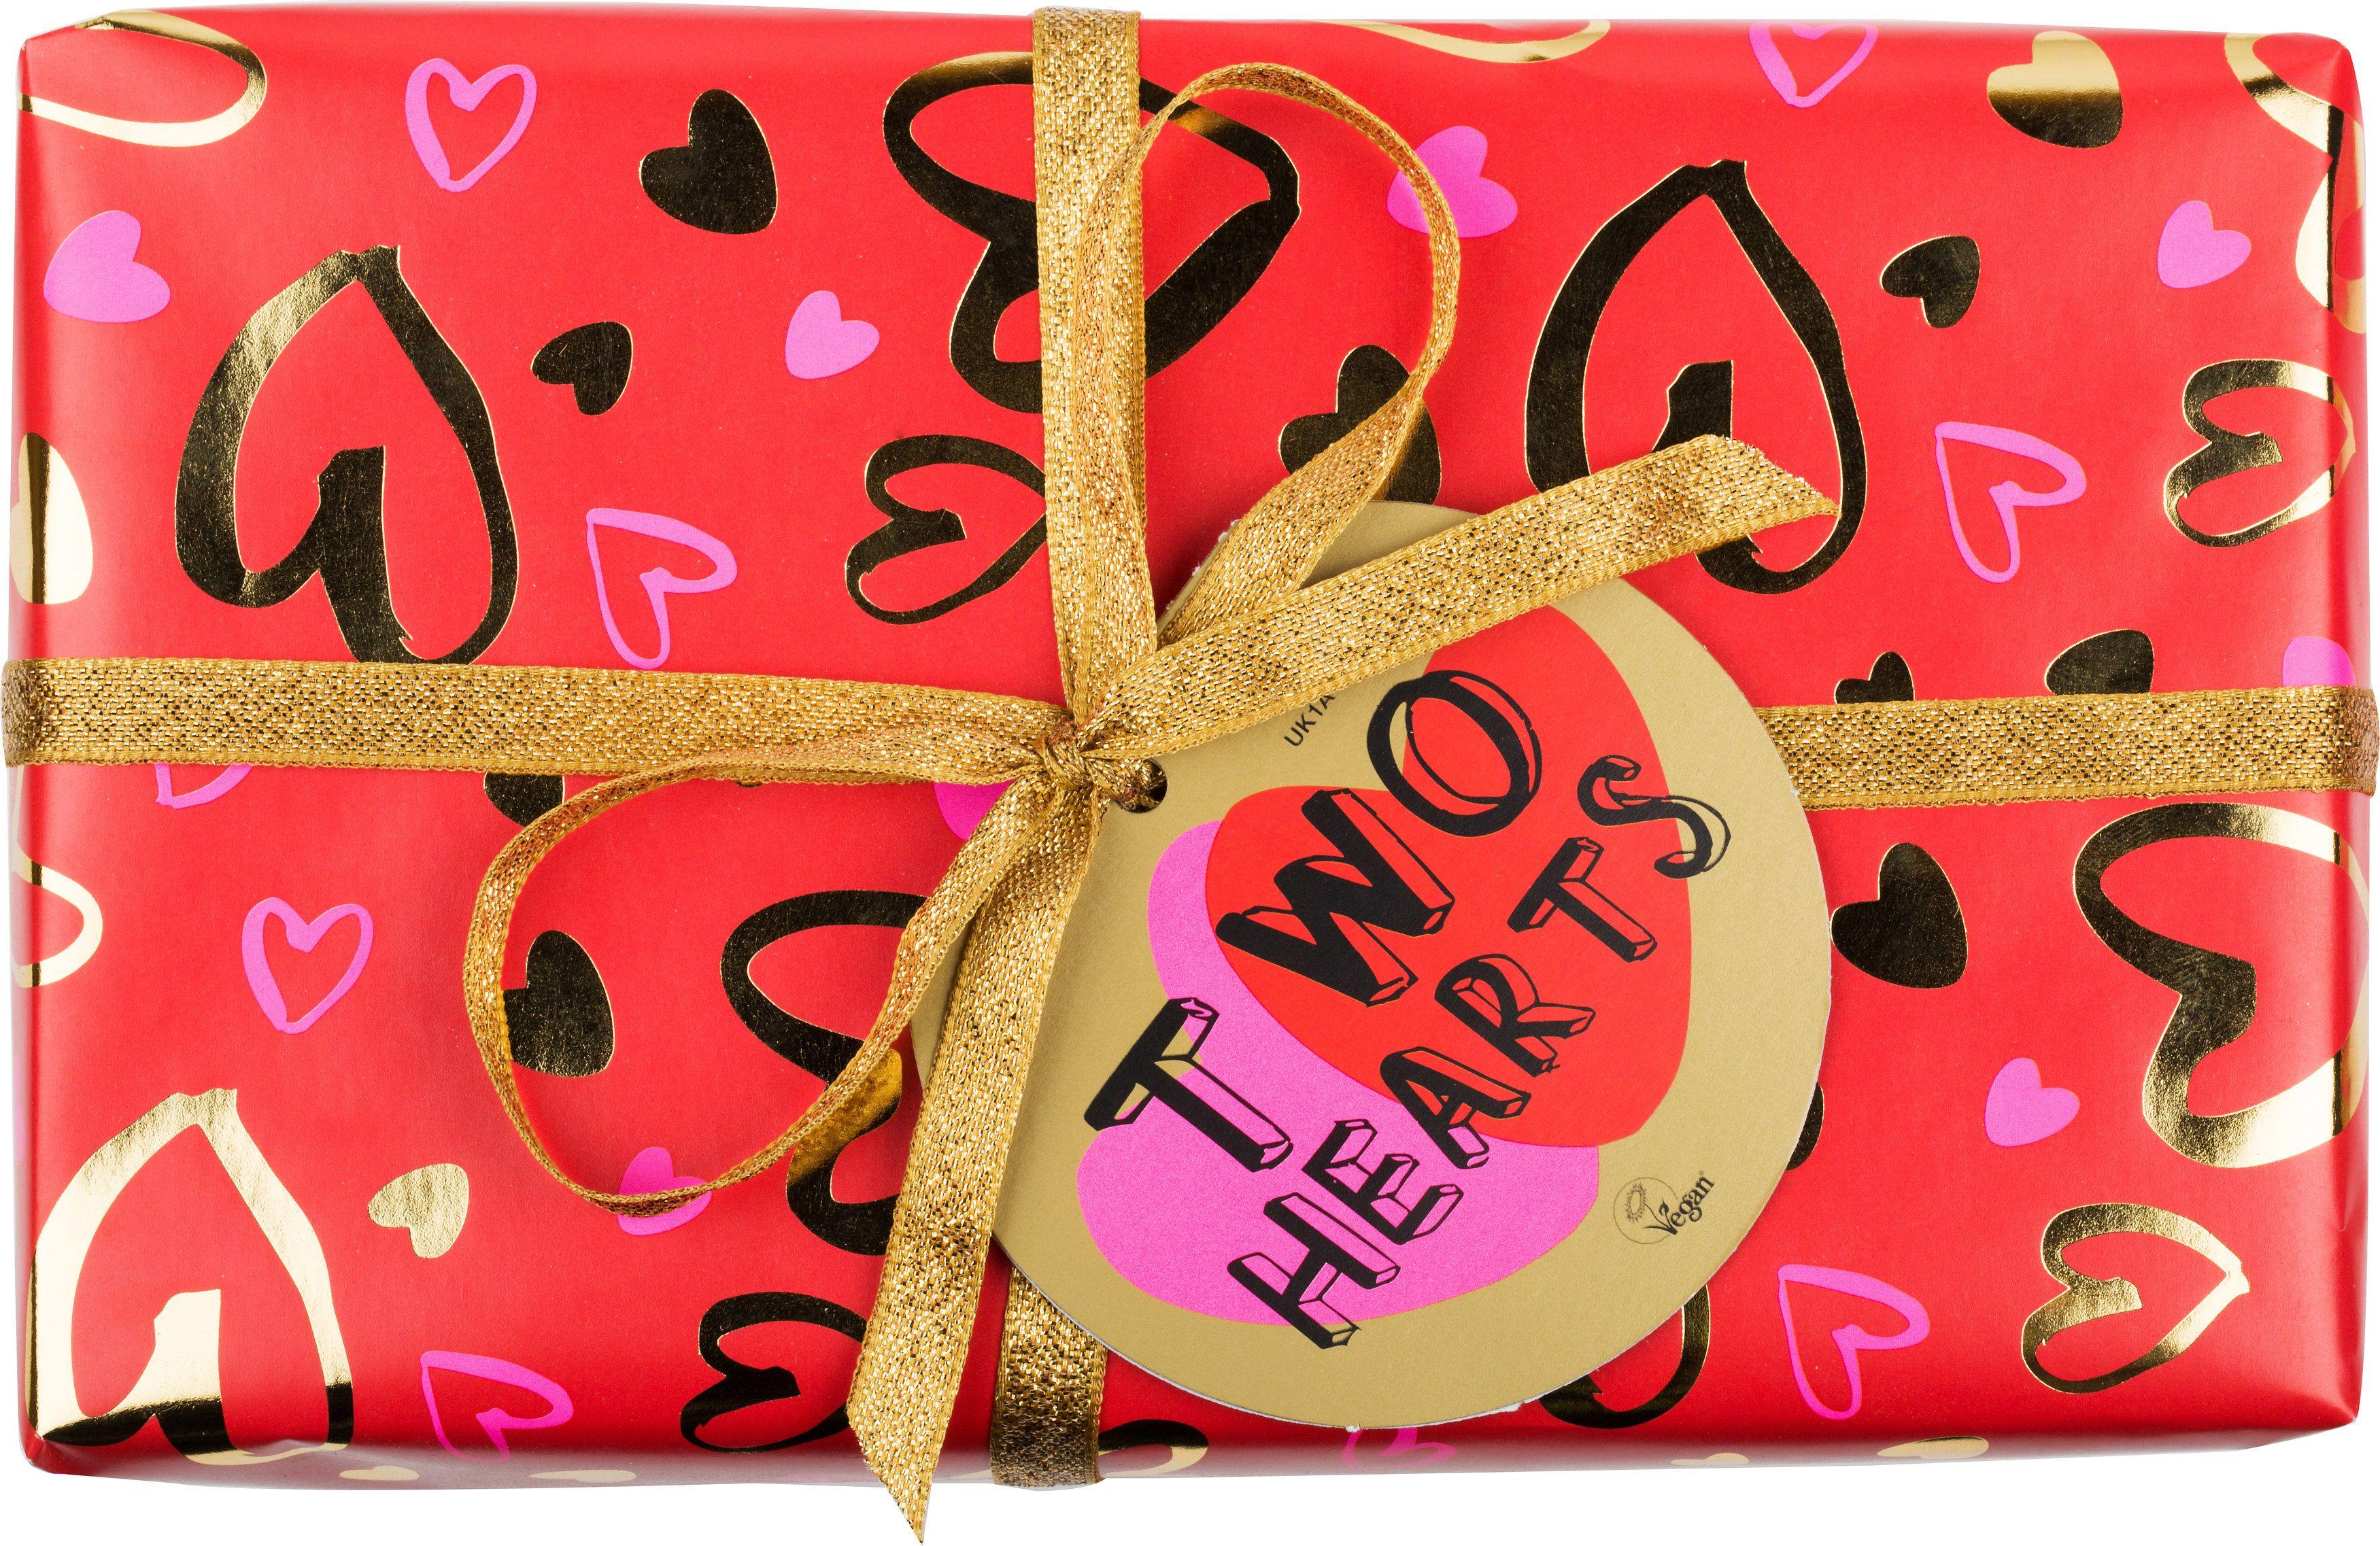 Two Hearts Geschenk - nur limitiert zum Valentinstag